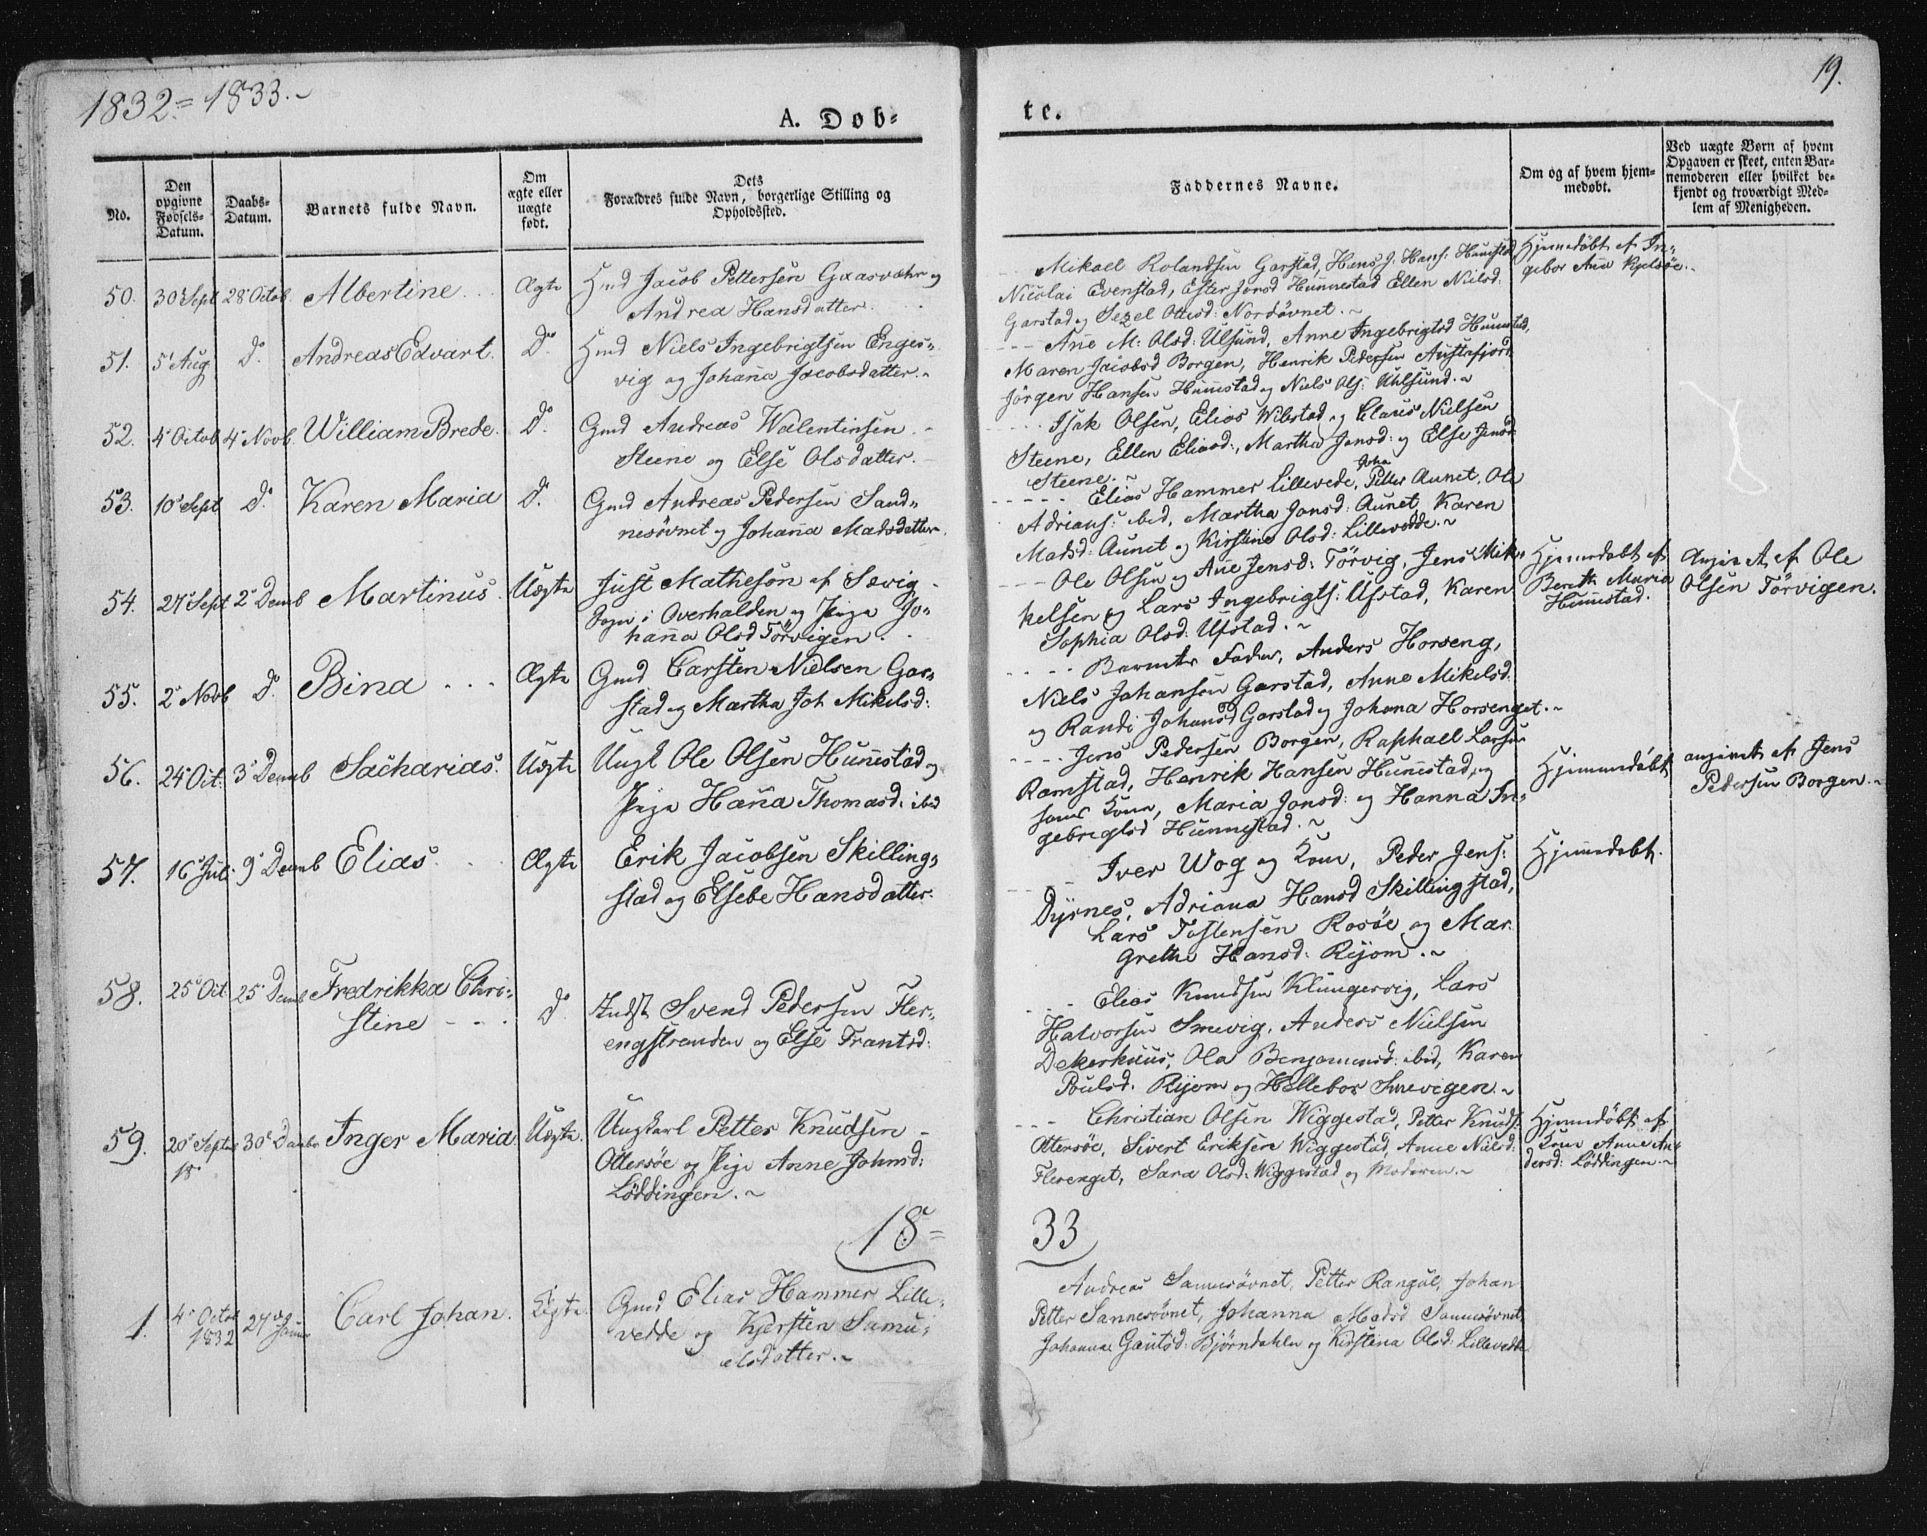 SAT, Ministerialprotokoller, klokkerbøker og fødselsregistre - Nord-Trøndelag, 784/L0669: Ministerialbok nr. 784A04, 1829-1859, s. 19